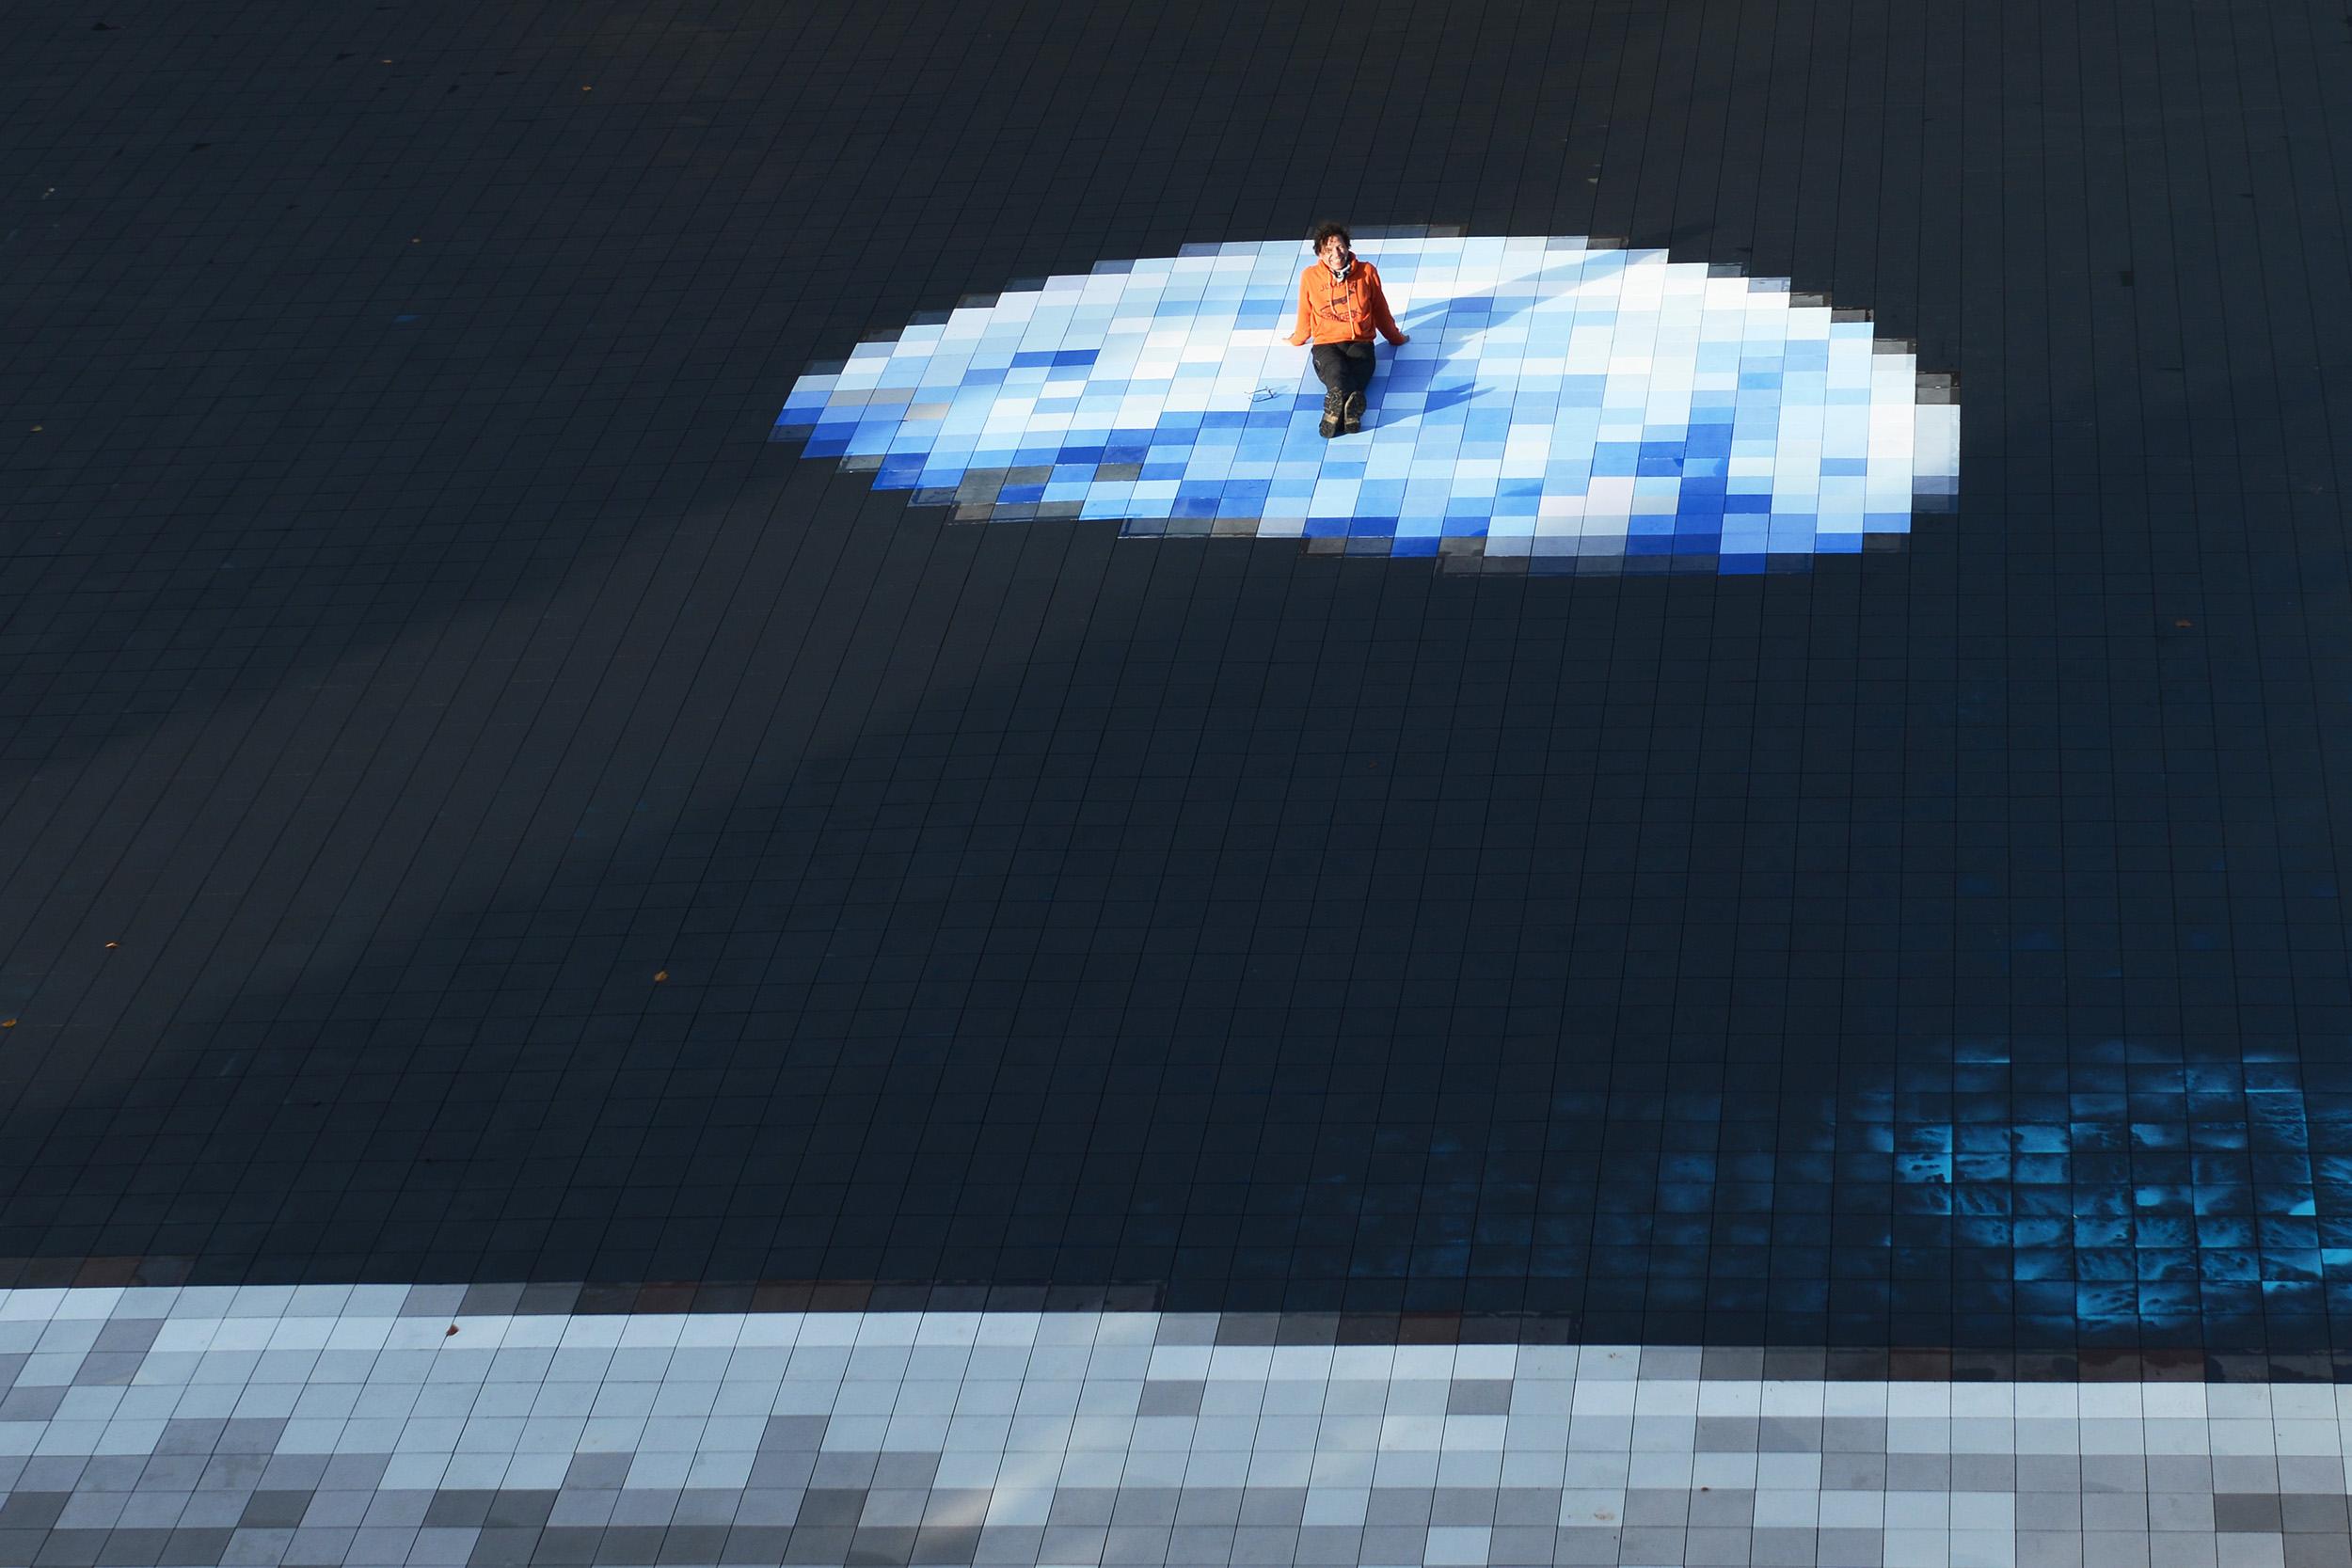 Der Künstler Achim Mohné ruht auf seinem Kunstwerk. Ein großflächiges Mosaik einer Aufnahme der Erde.